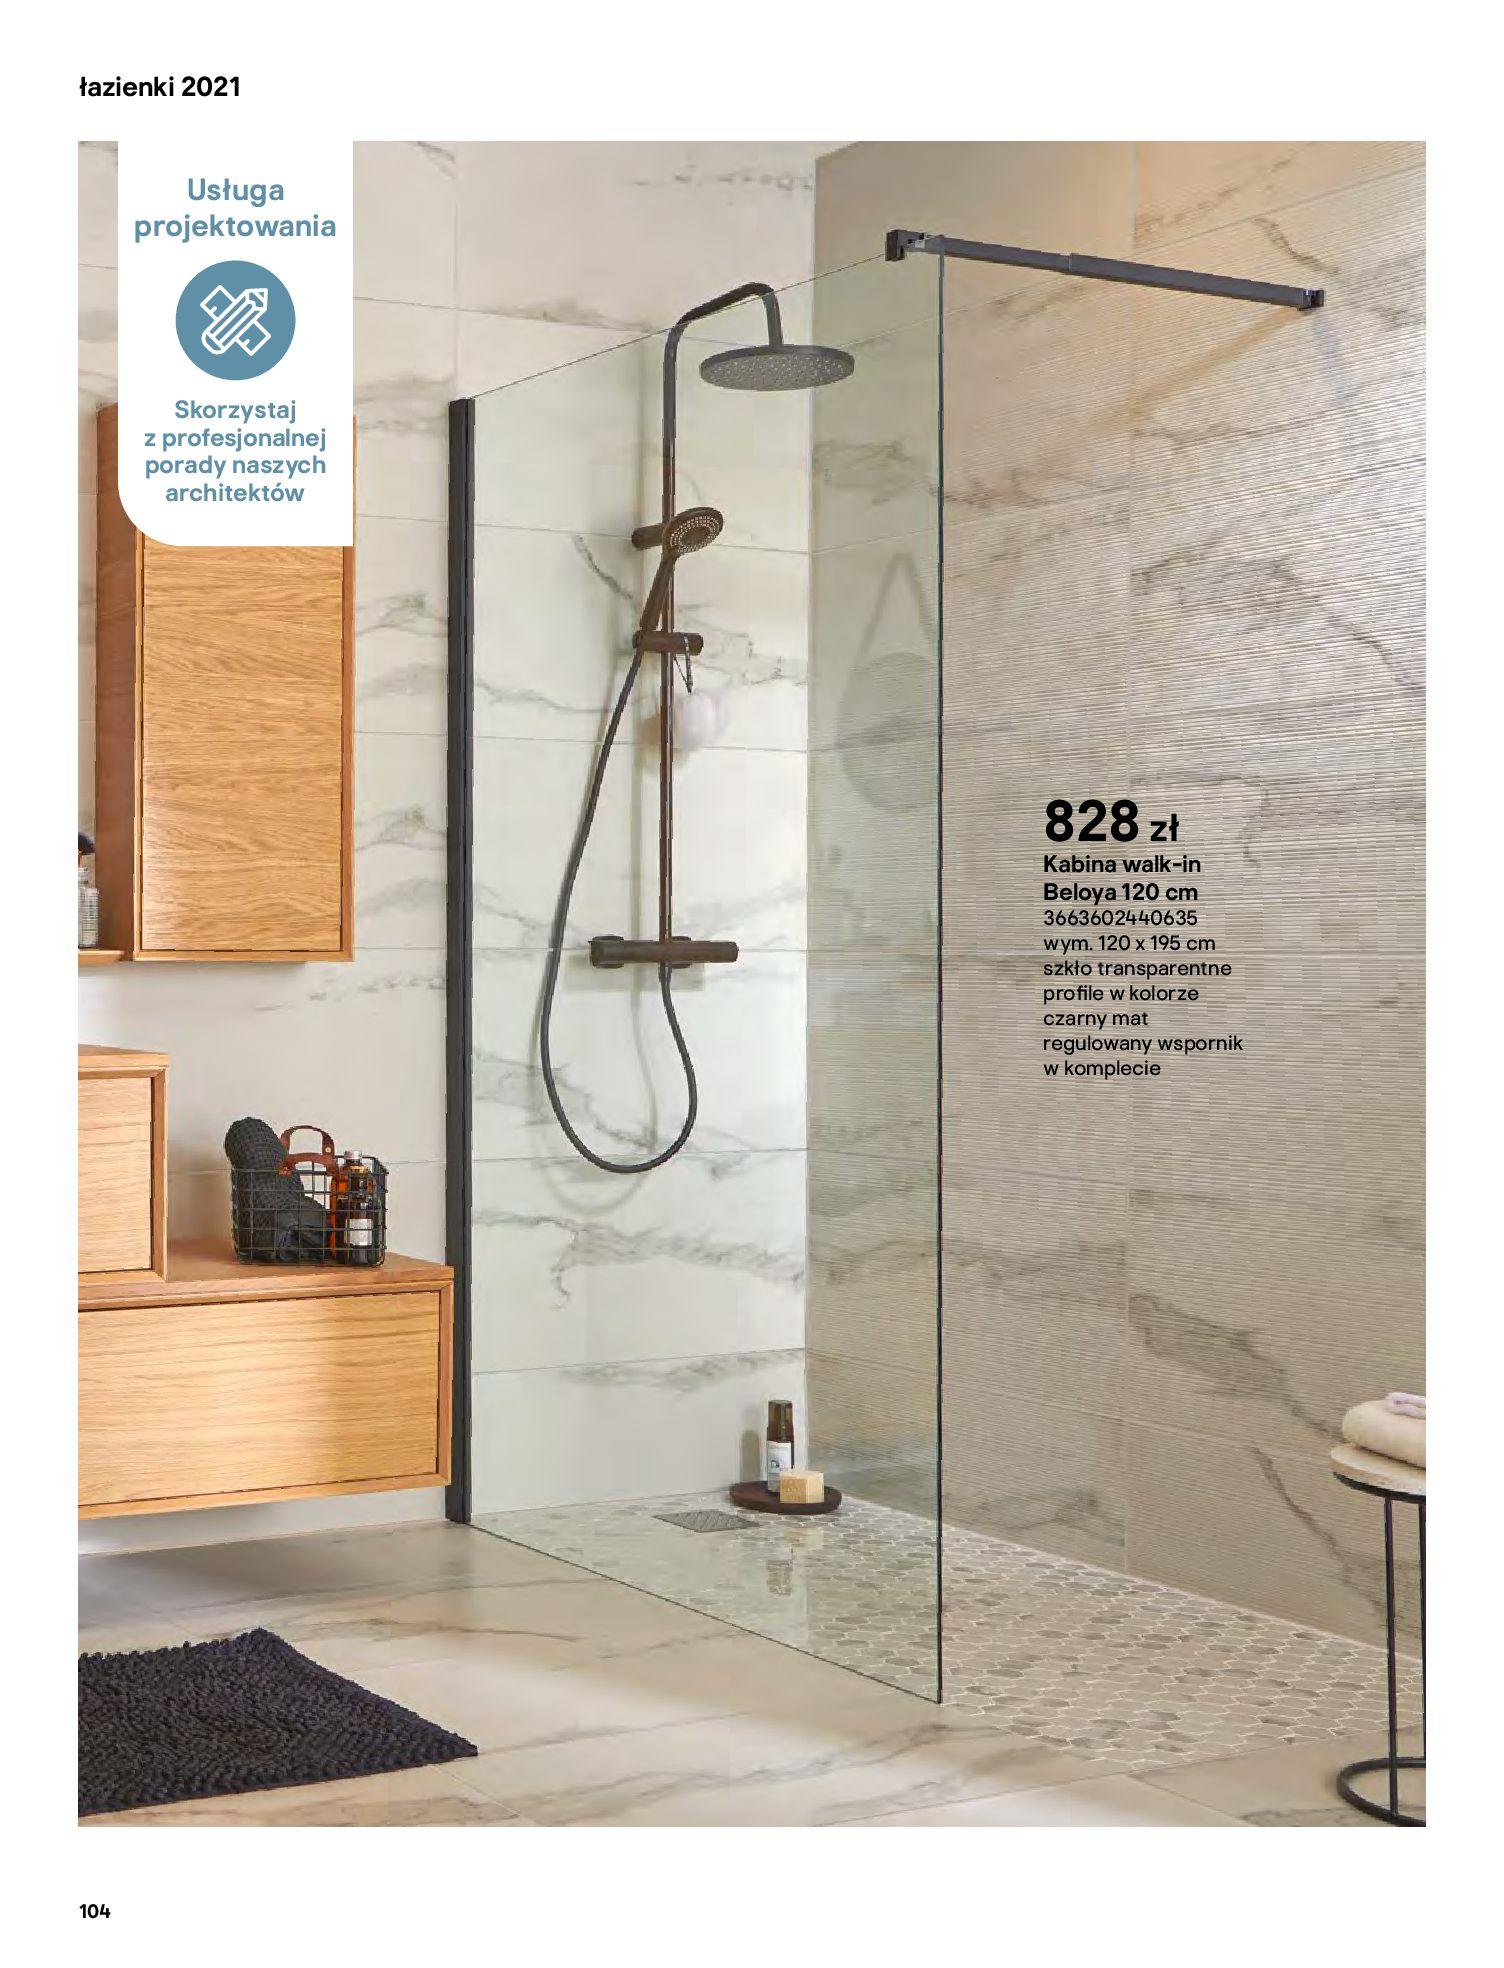 Gazetka Castorama: Gazetka Castorama - katalog łazienki 2021 2021-06-16 page-104